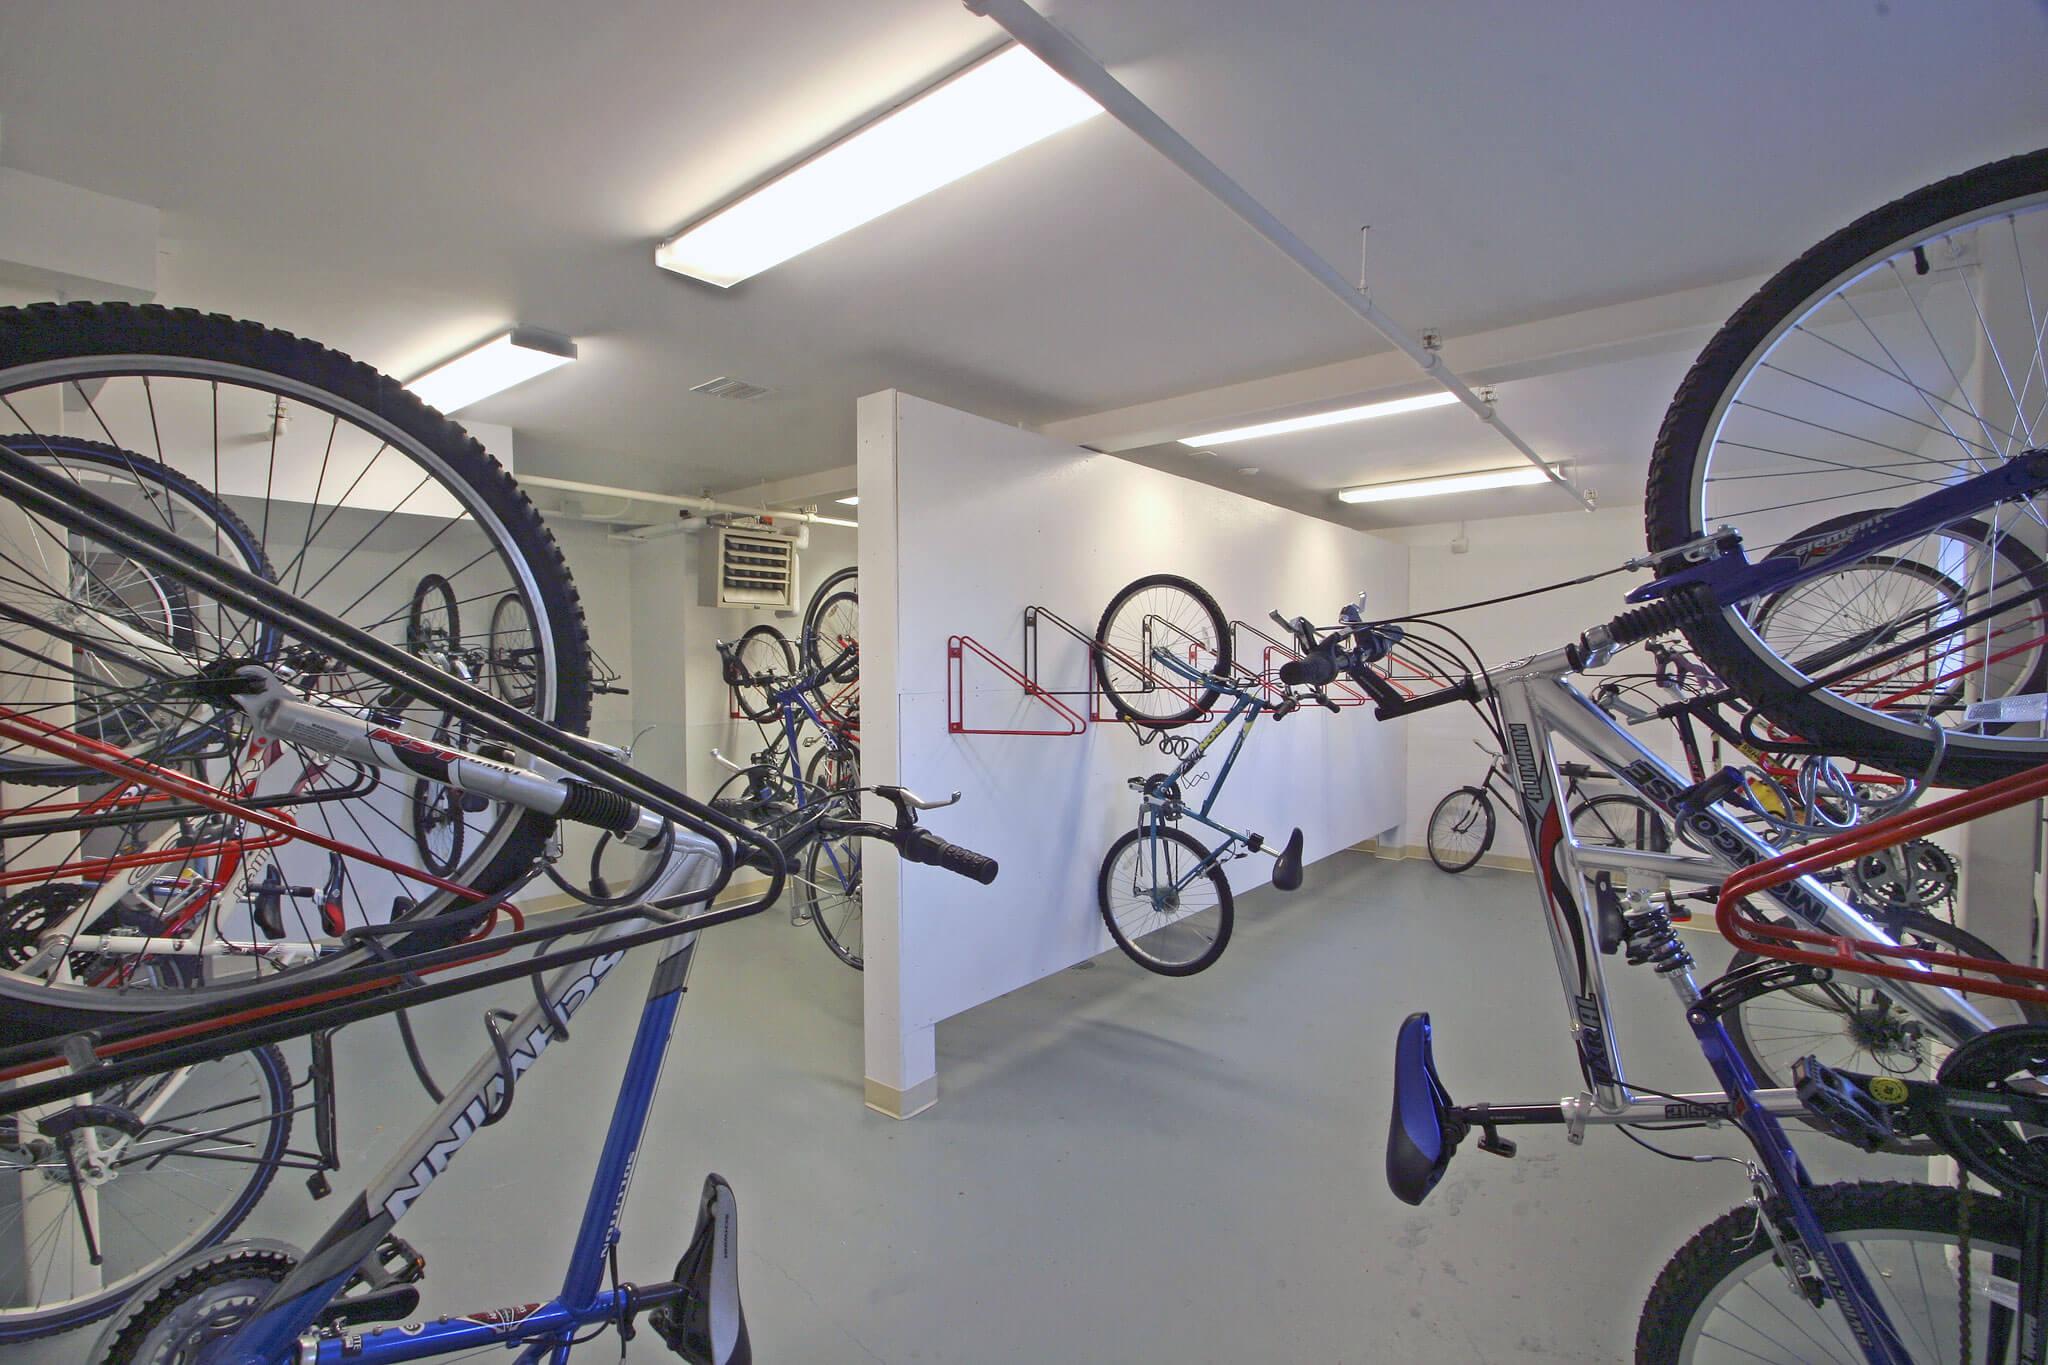 https://0901.nccdn.net/4_2/000/000/081/4ce/bike-wall.jpg